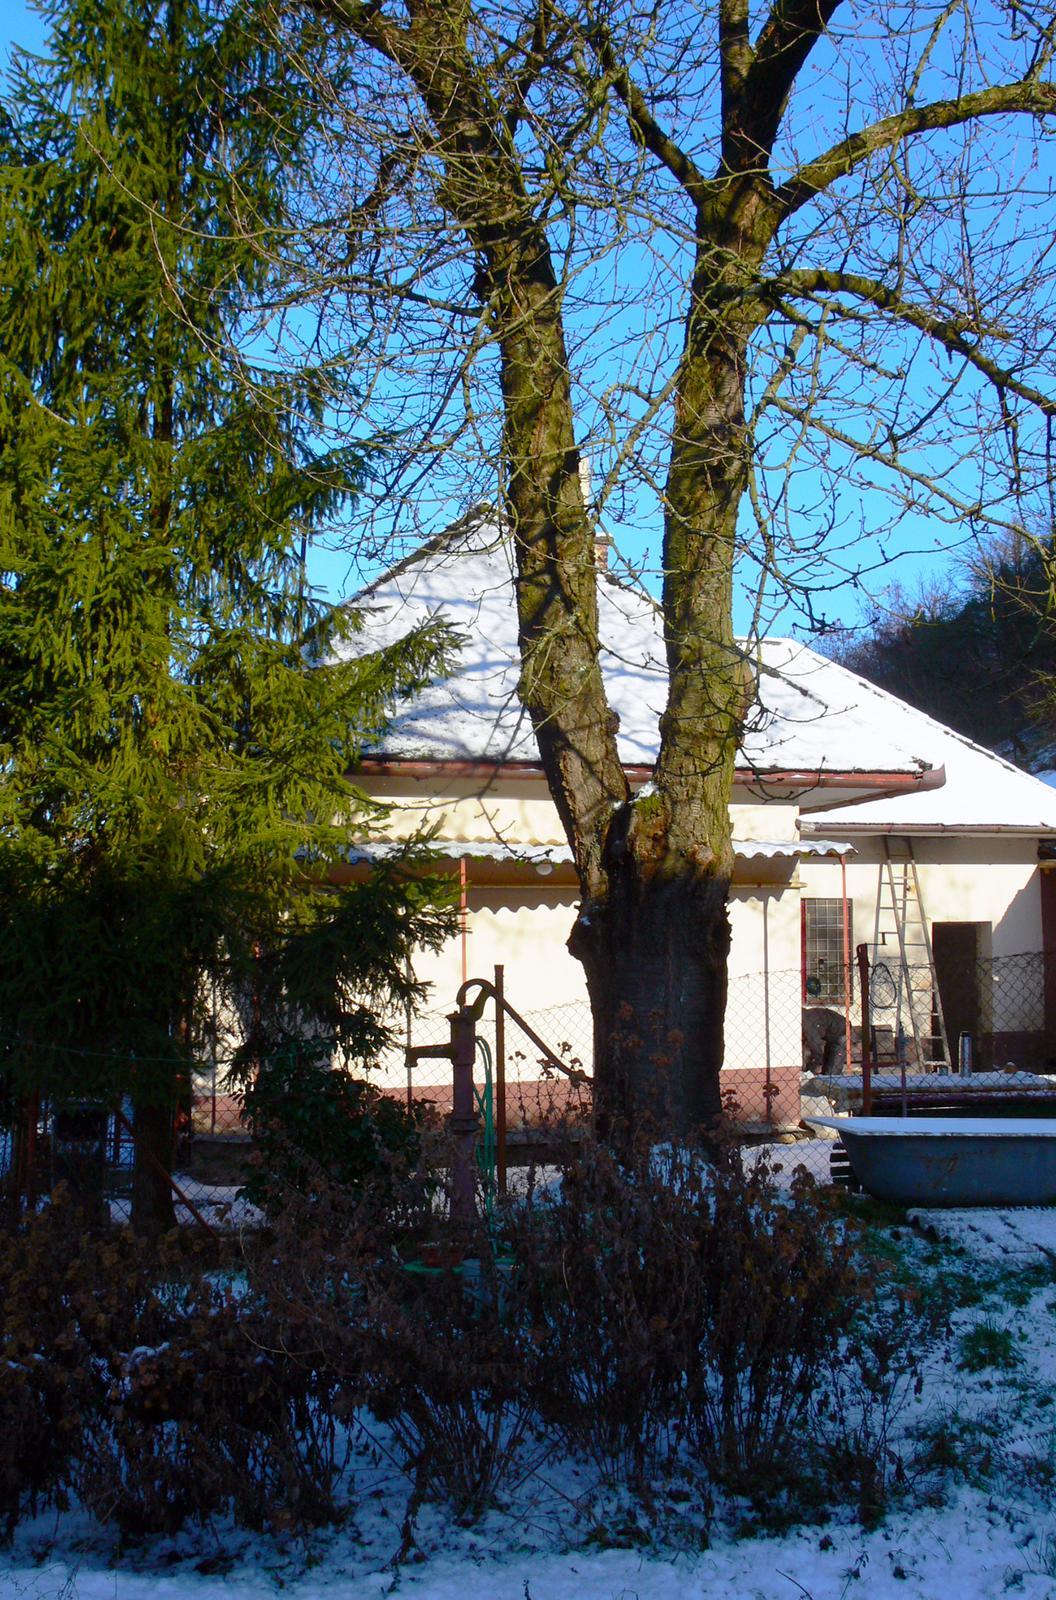 V zelenom dome - nič nové sa nedeje, práce stoja...tak aspoň jedna zimná čerešňa & dom